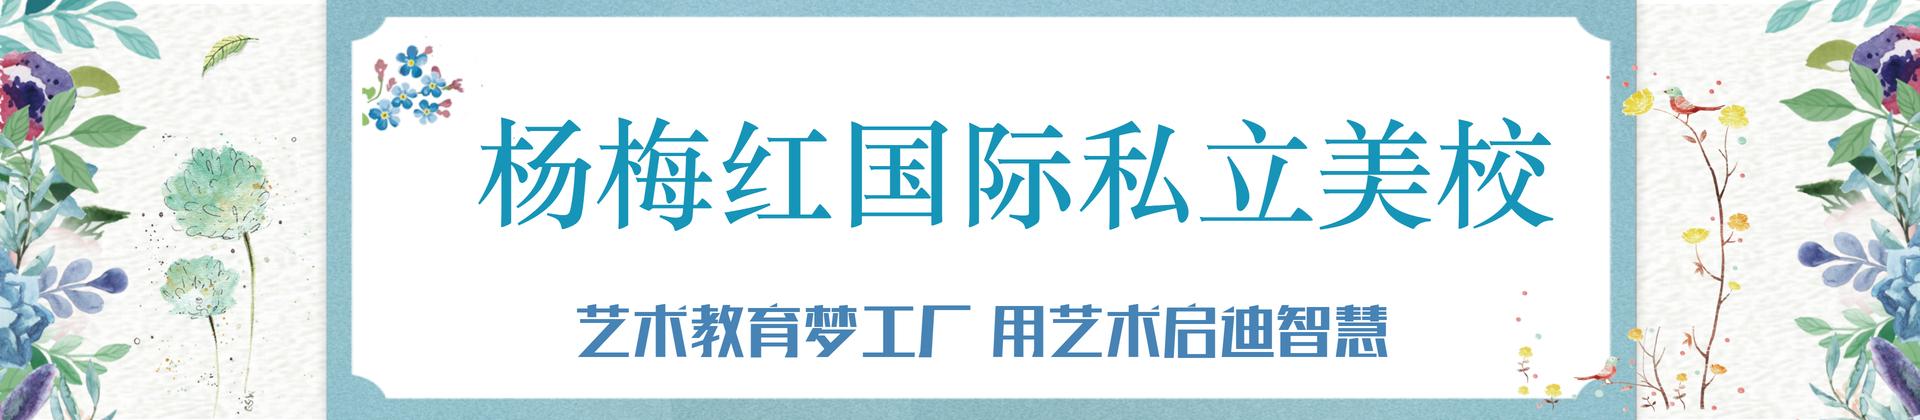 运城通宝杨梅红国际私立美校